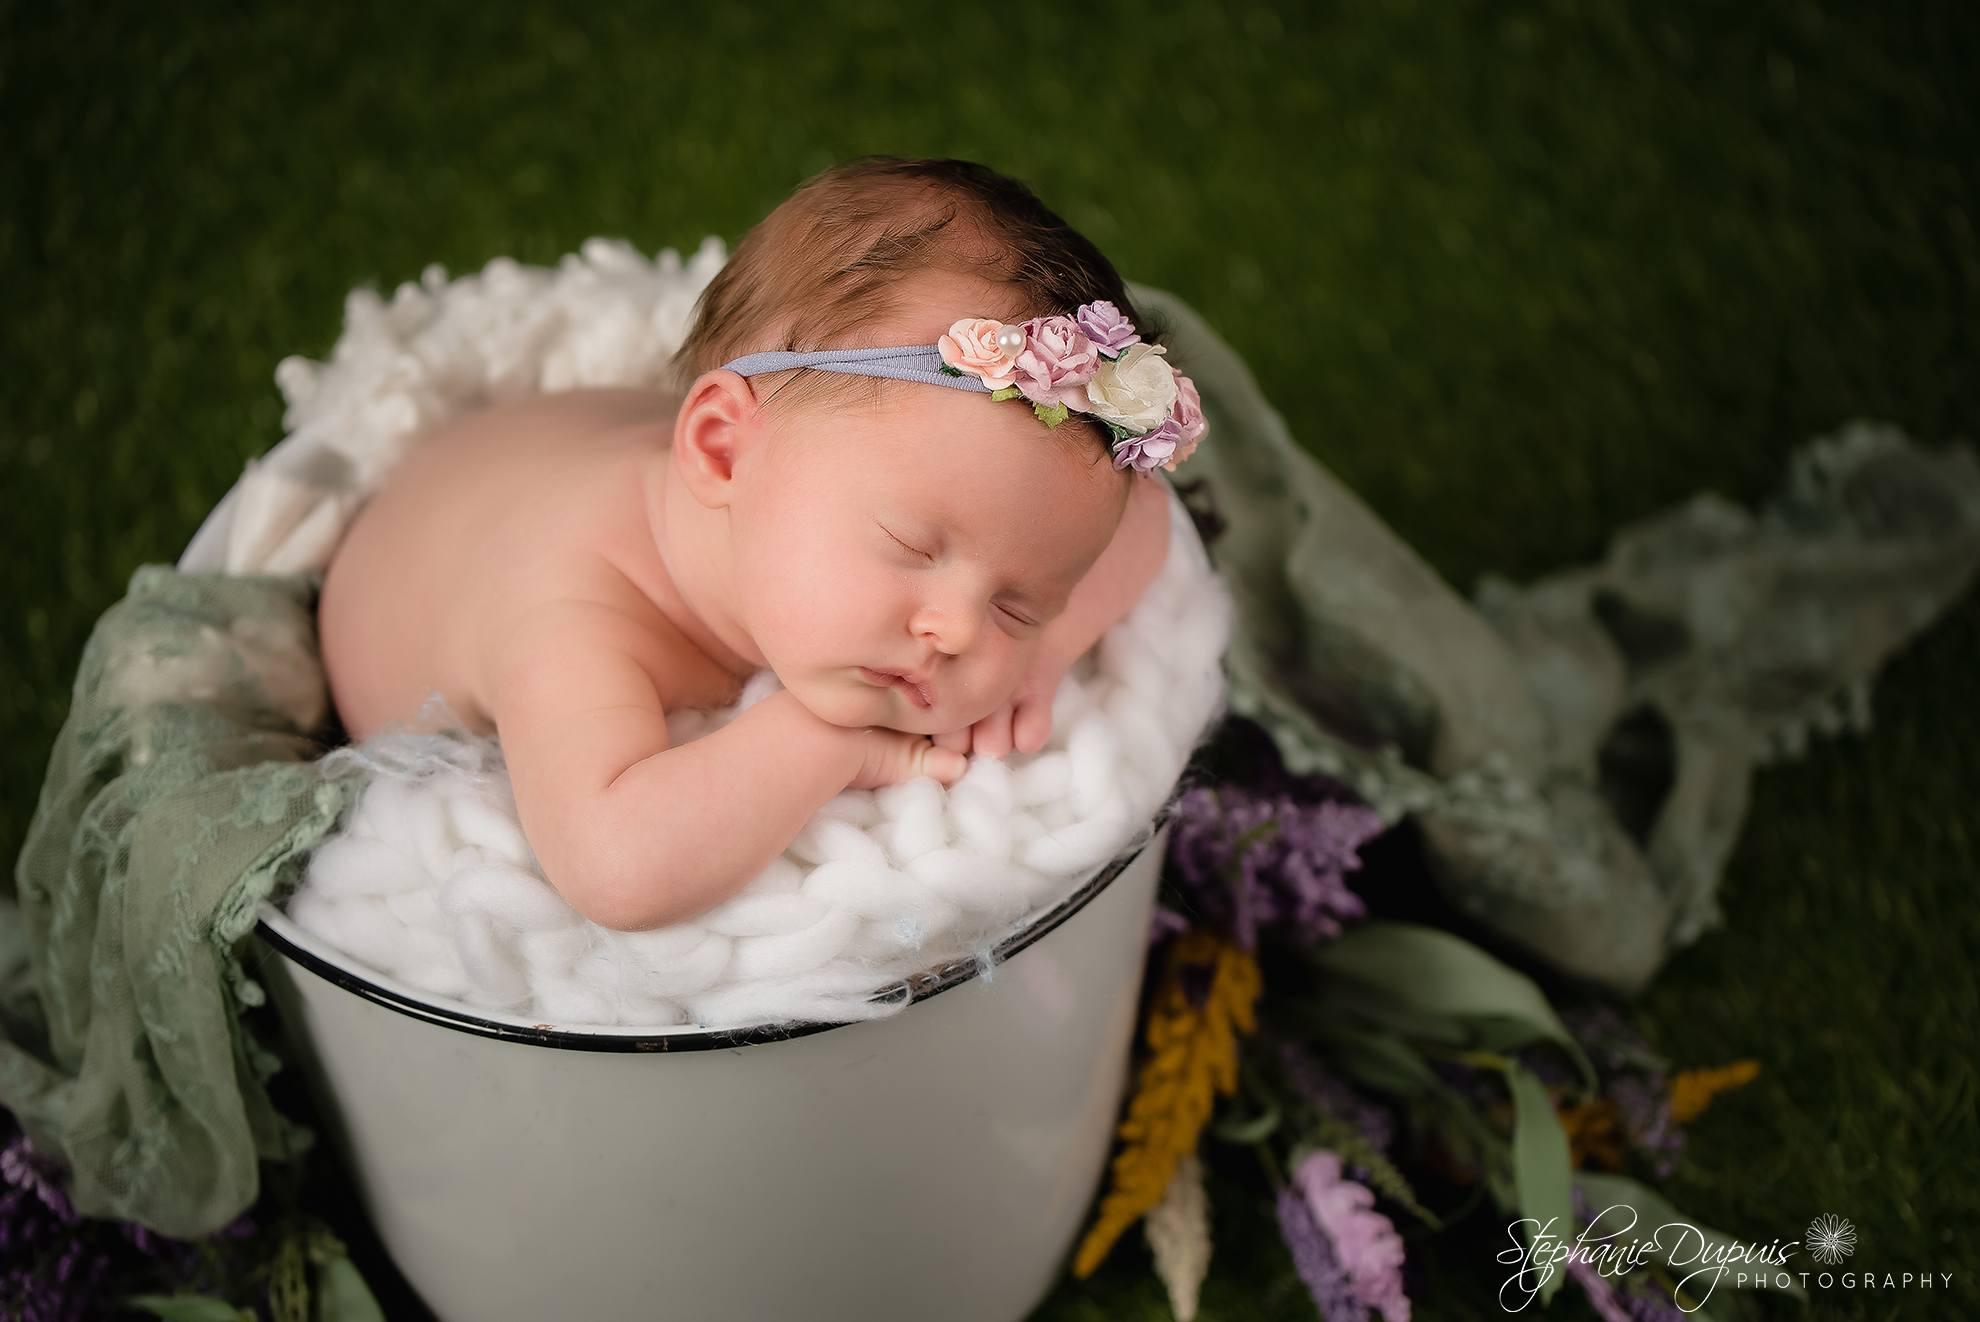 Abbott 11 - Portfolio: Khloe Newborn Session